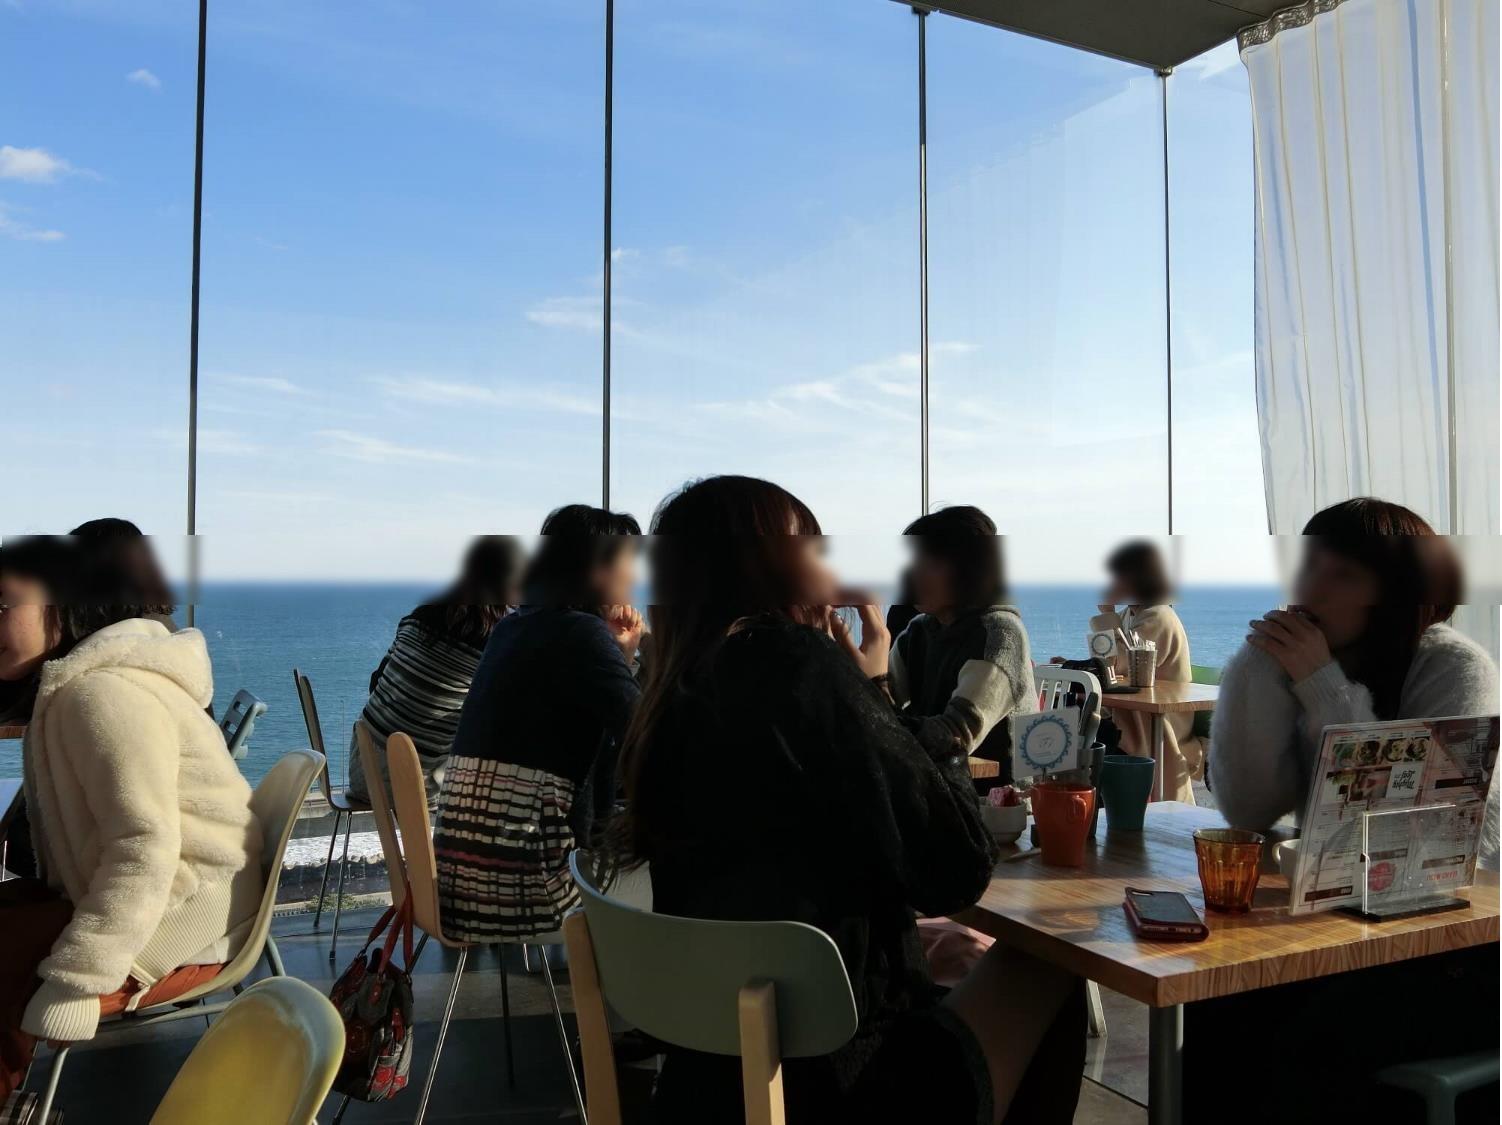 【日立市カフェ】シーバーズカフェ(sea birds cafe)|内観2